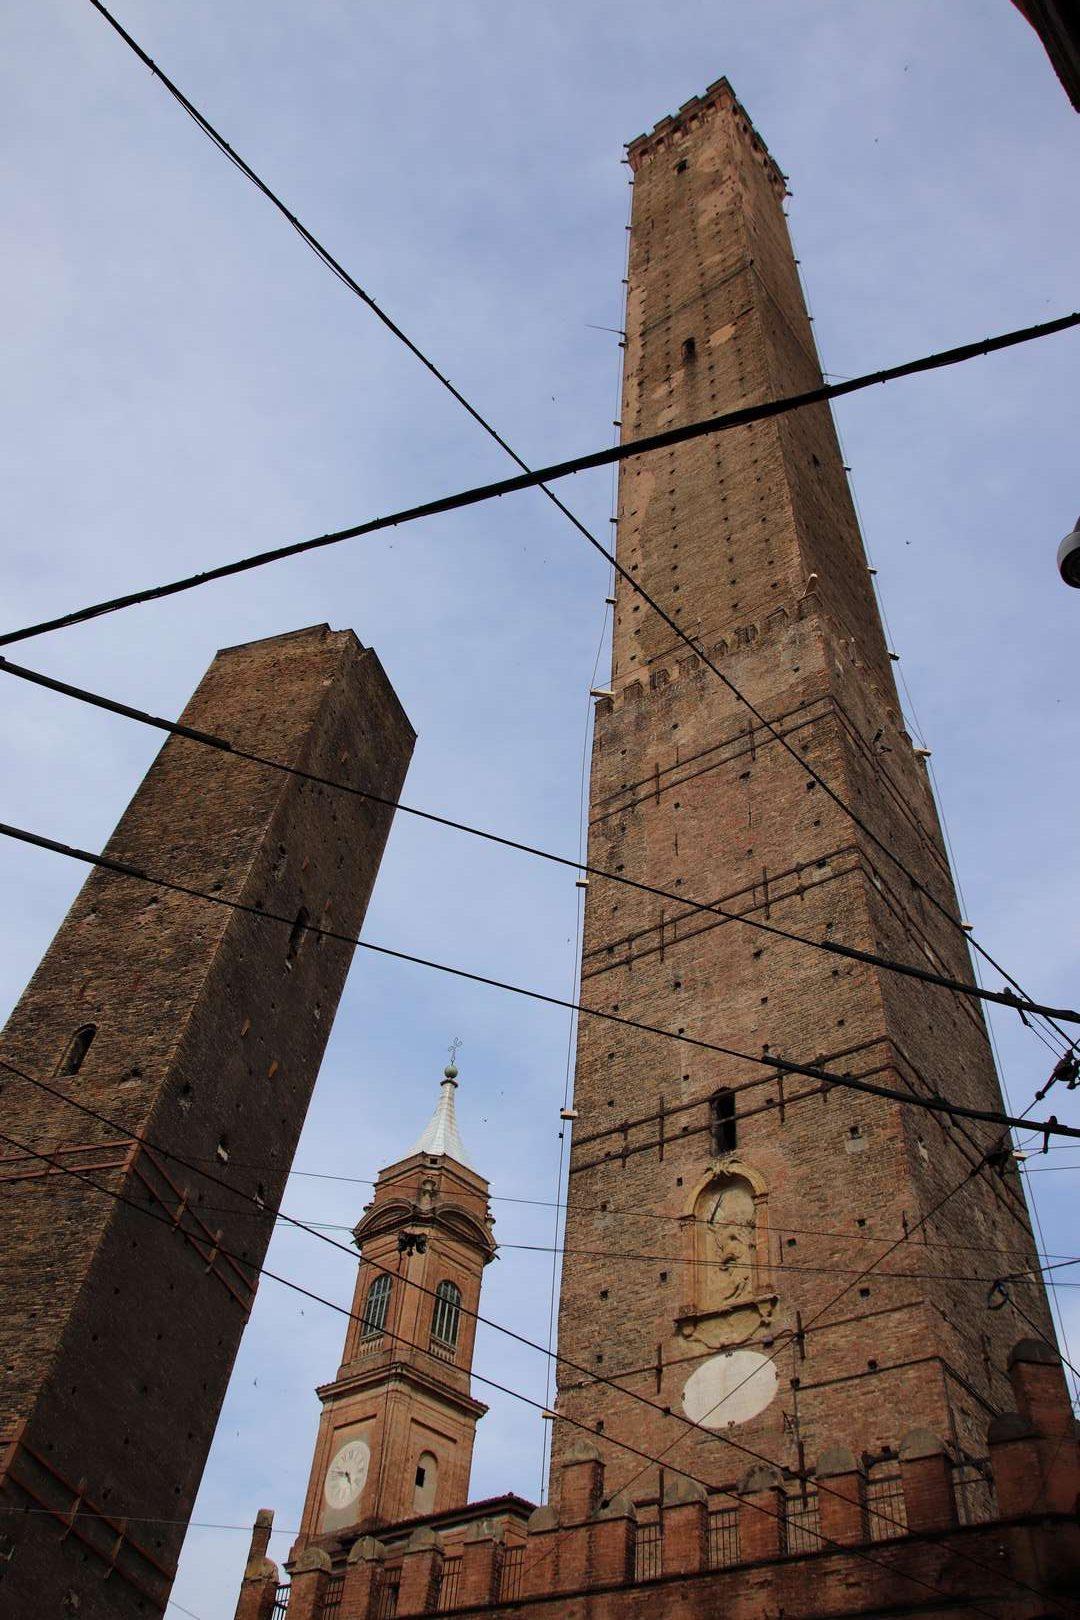 Italie - Due Torri (Deux Tours) de Bologne